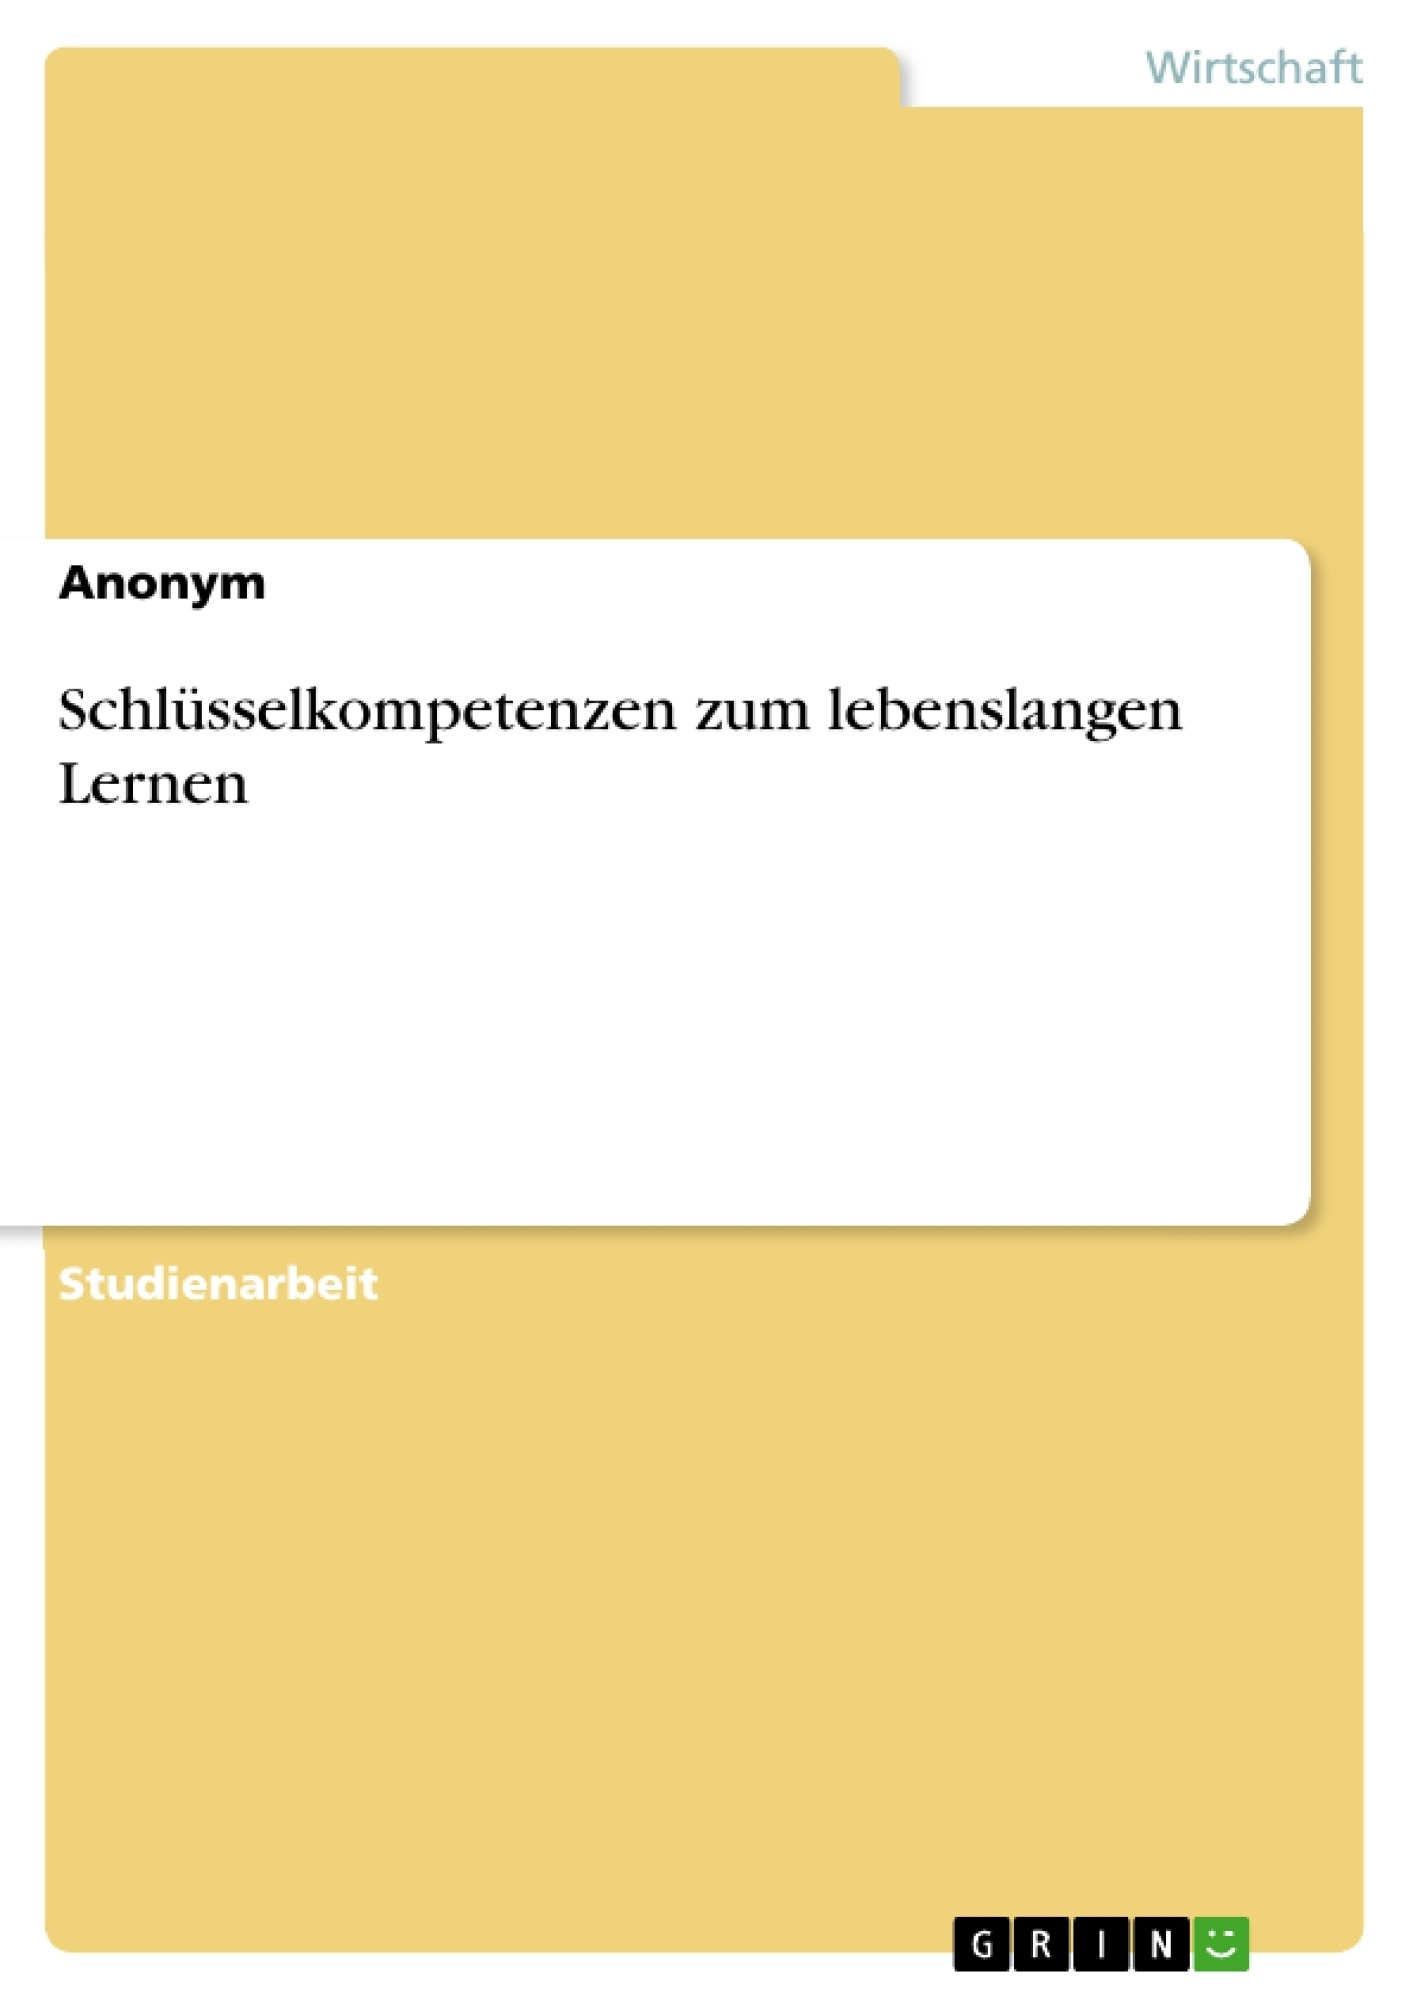 Titel: Schlüsselkompetenzen zum lebenslangen Lernen